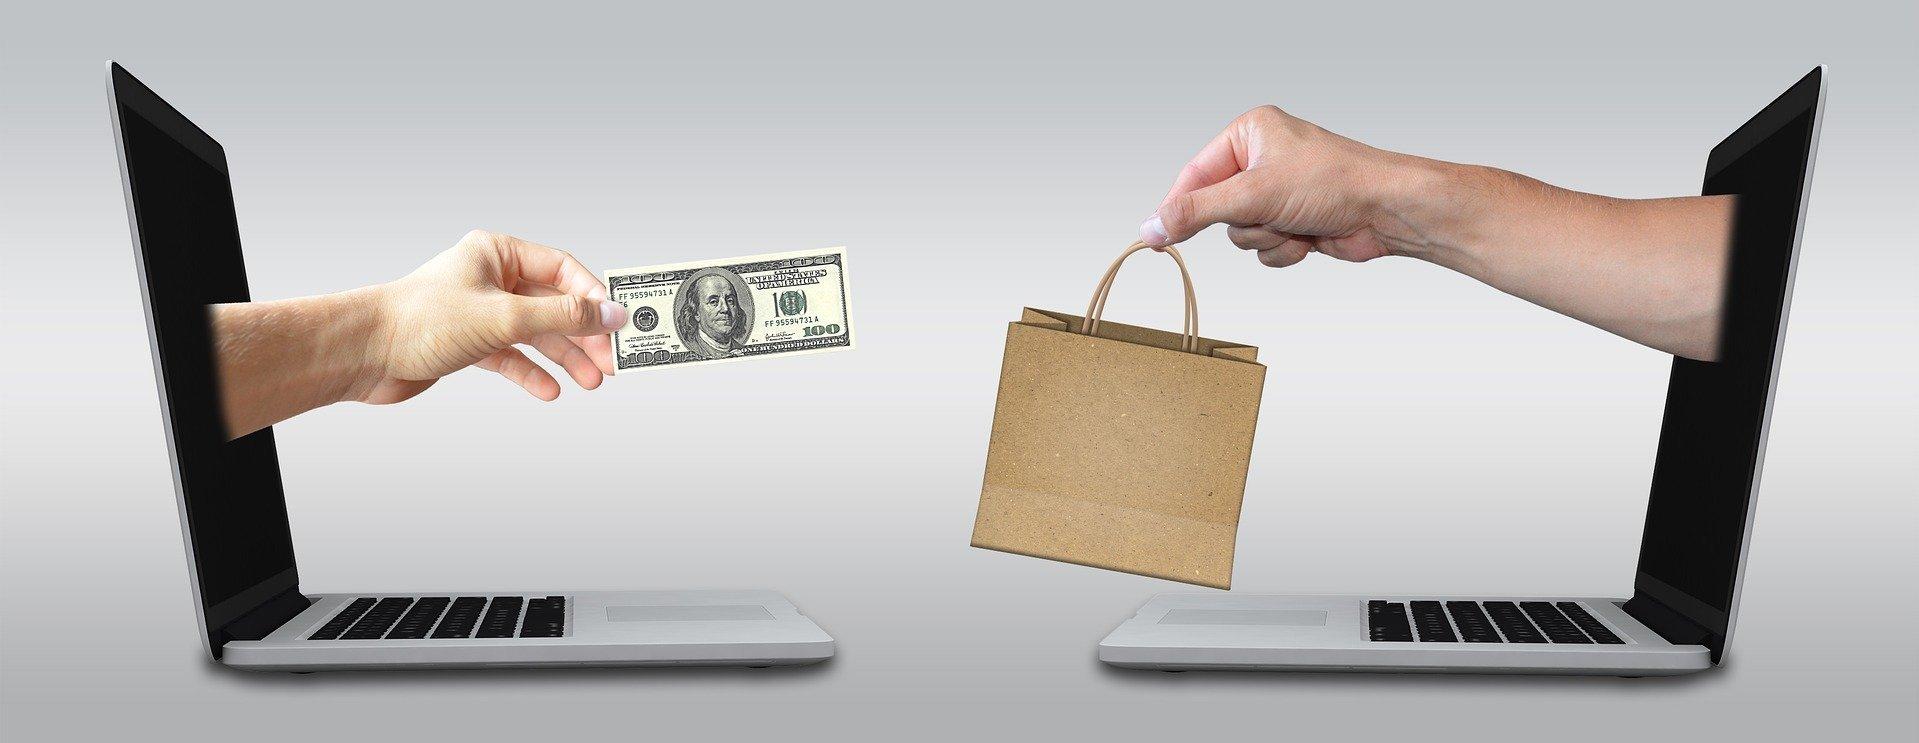 中国买家半小时内以180万美元买下5家俄罗斯公司的所有产品。